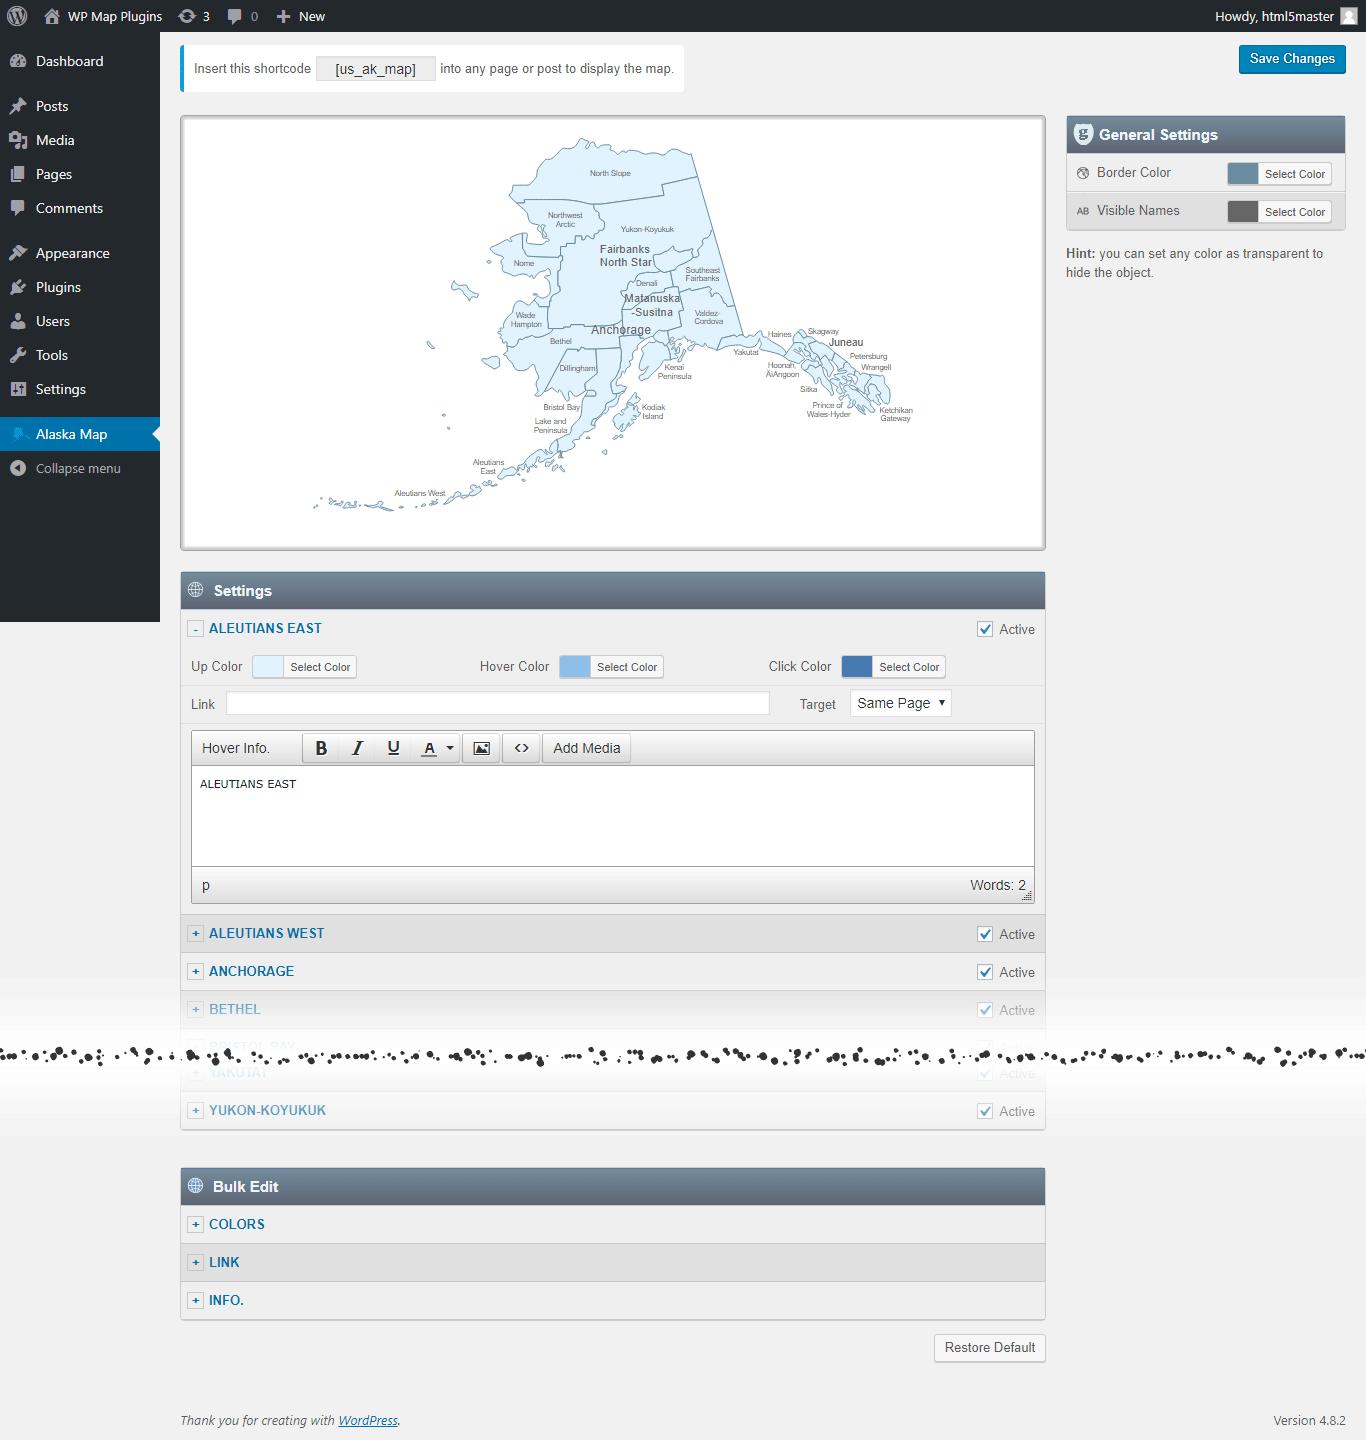 Interactive Map Of Alaska.Interactive Map Of Alaska Wordpress Plugin